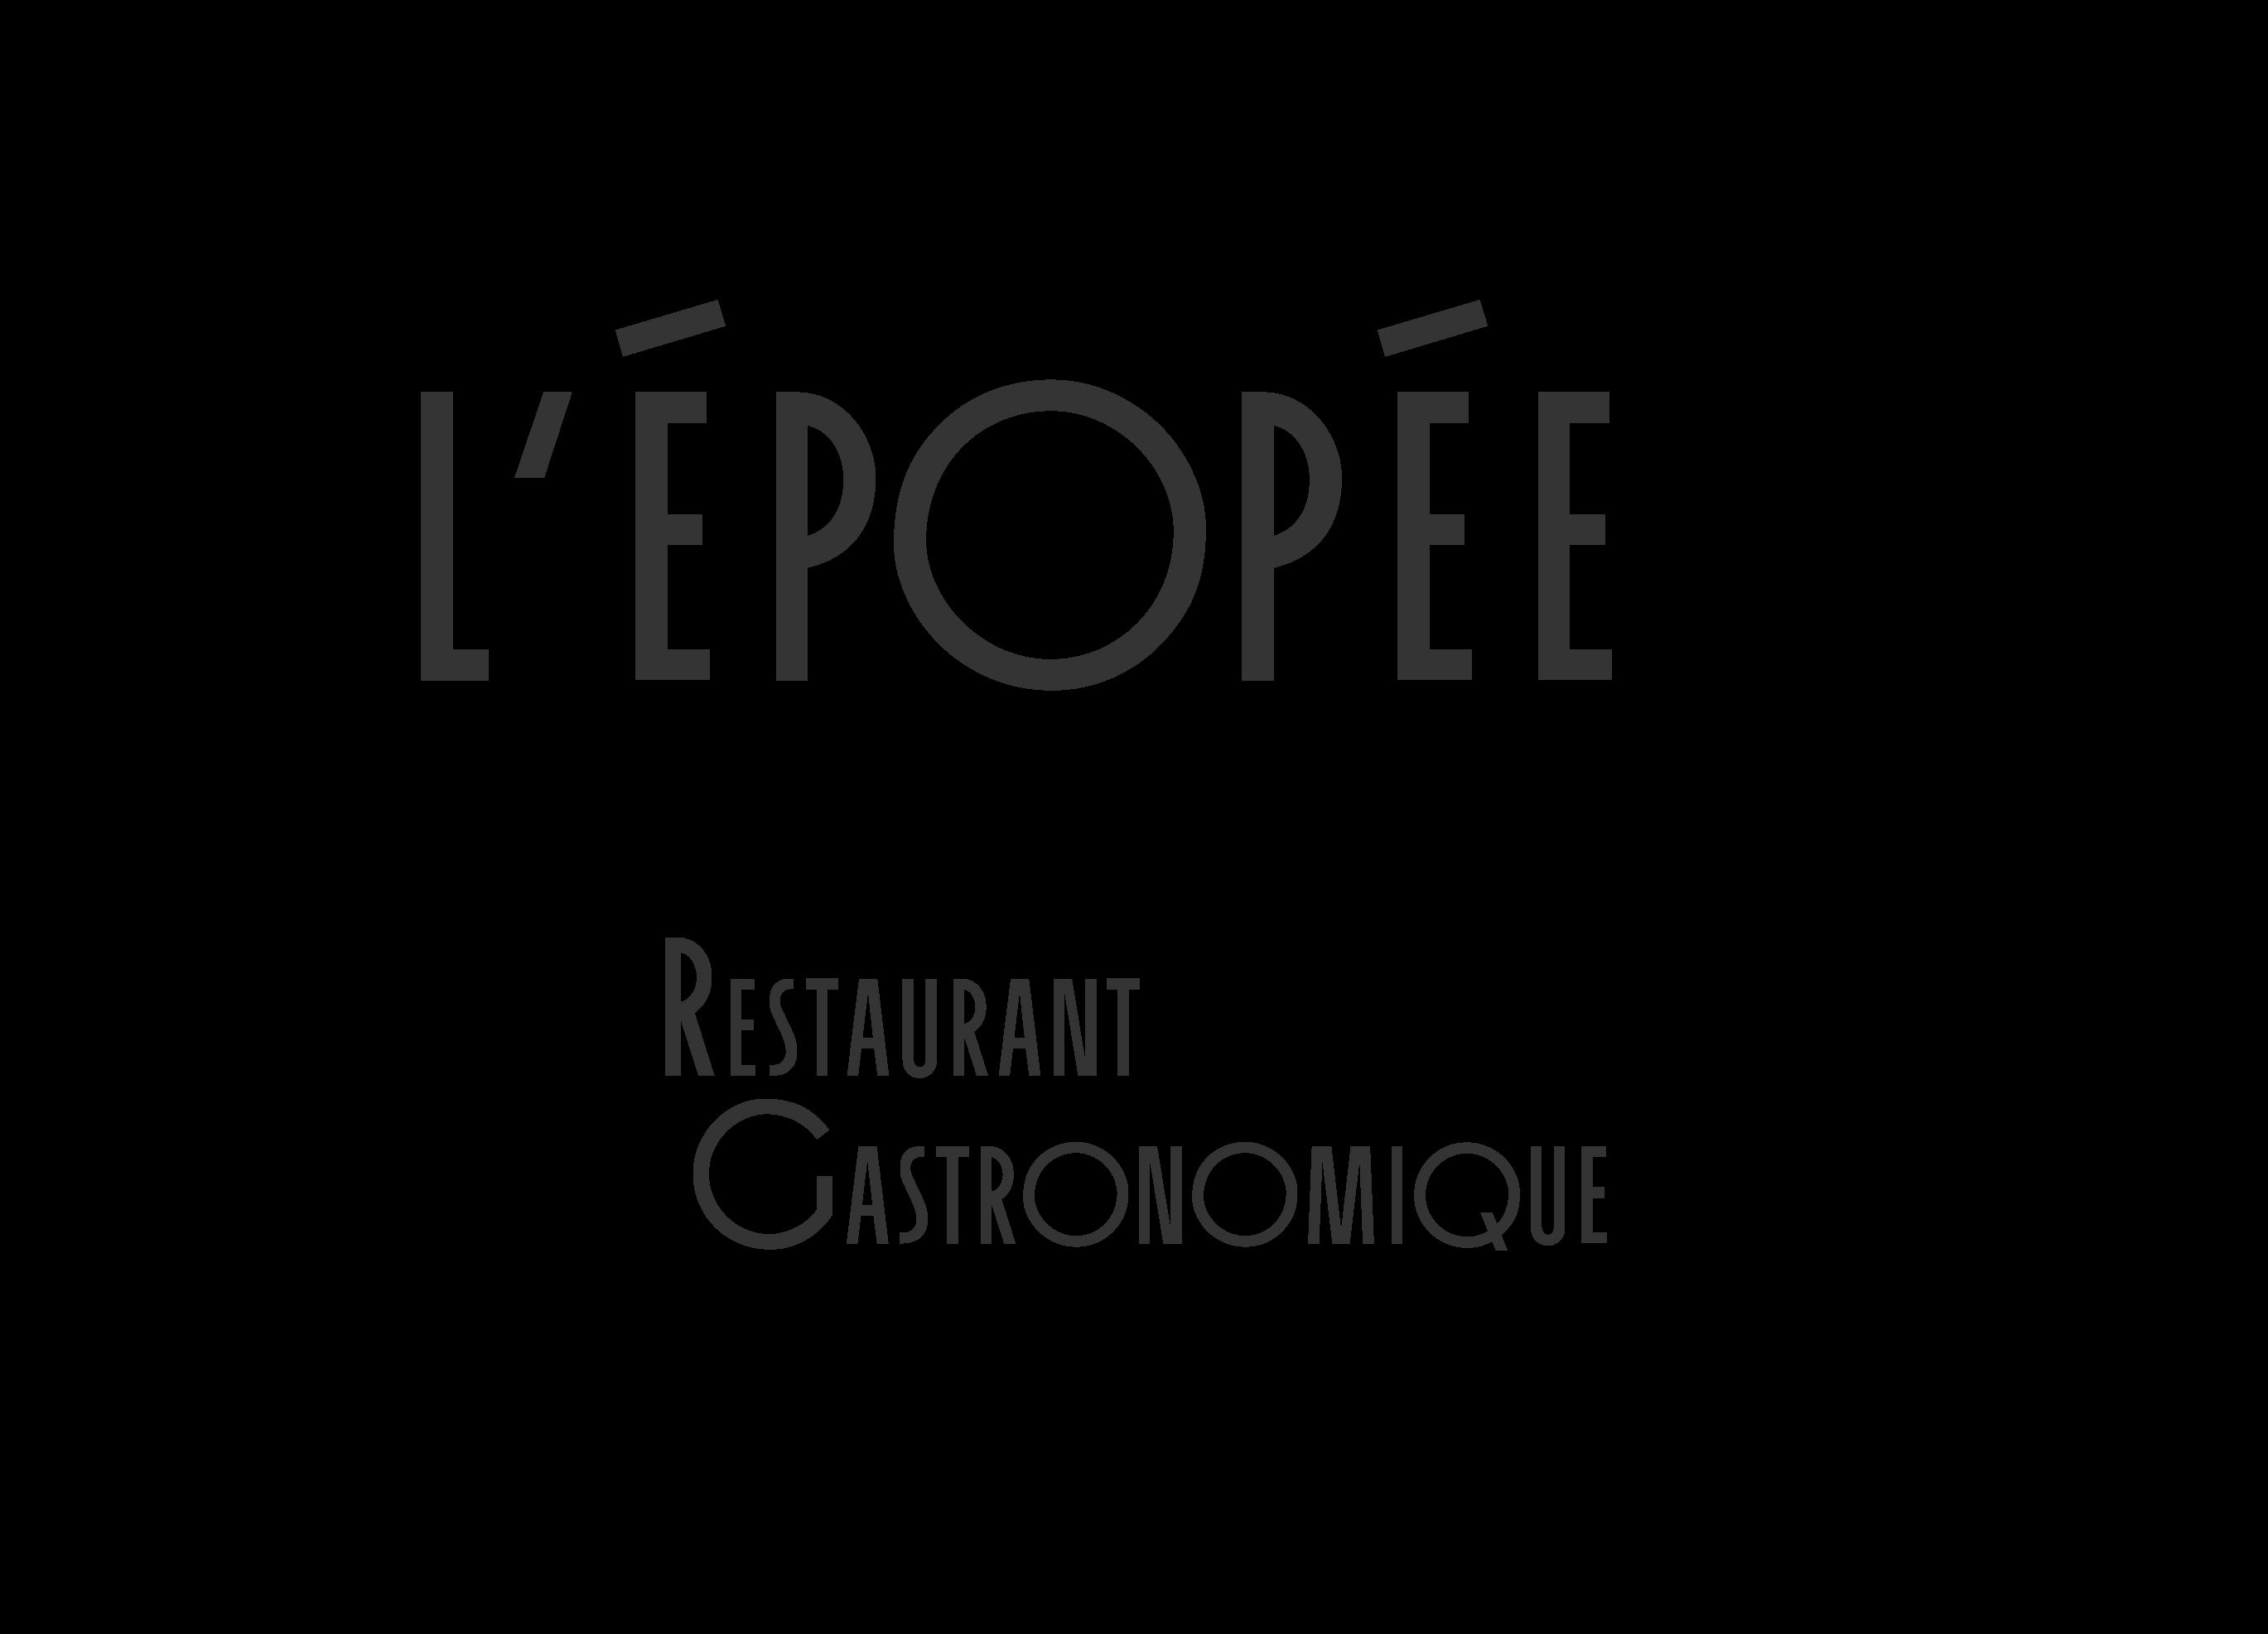 L'Epopée - Restaurant gastronomique